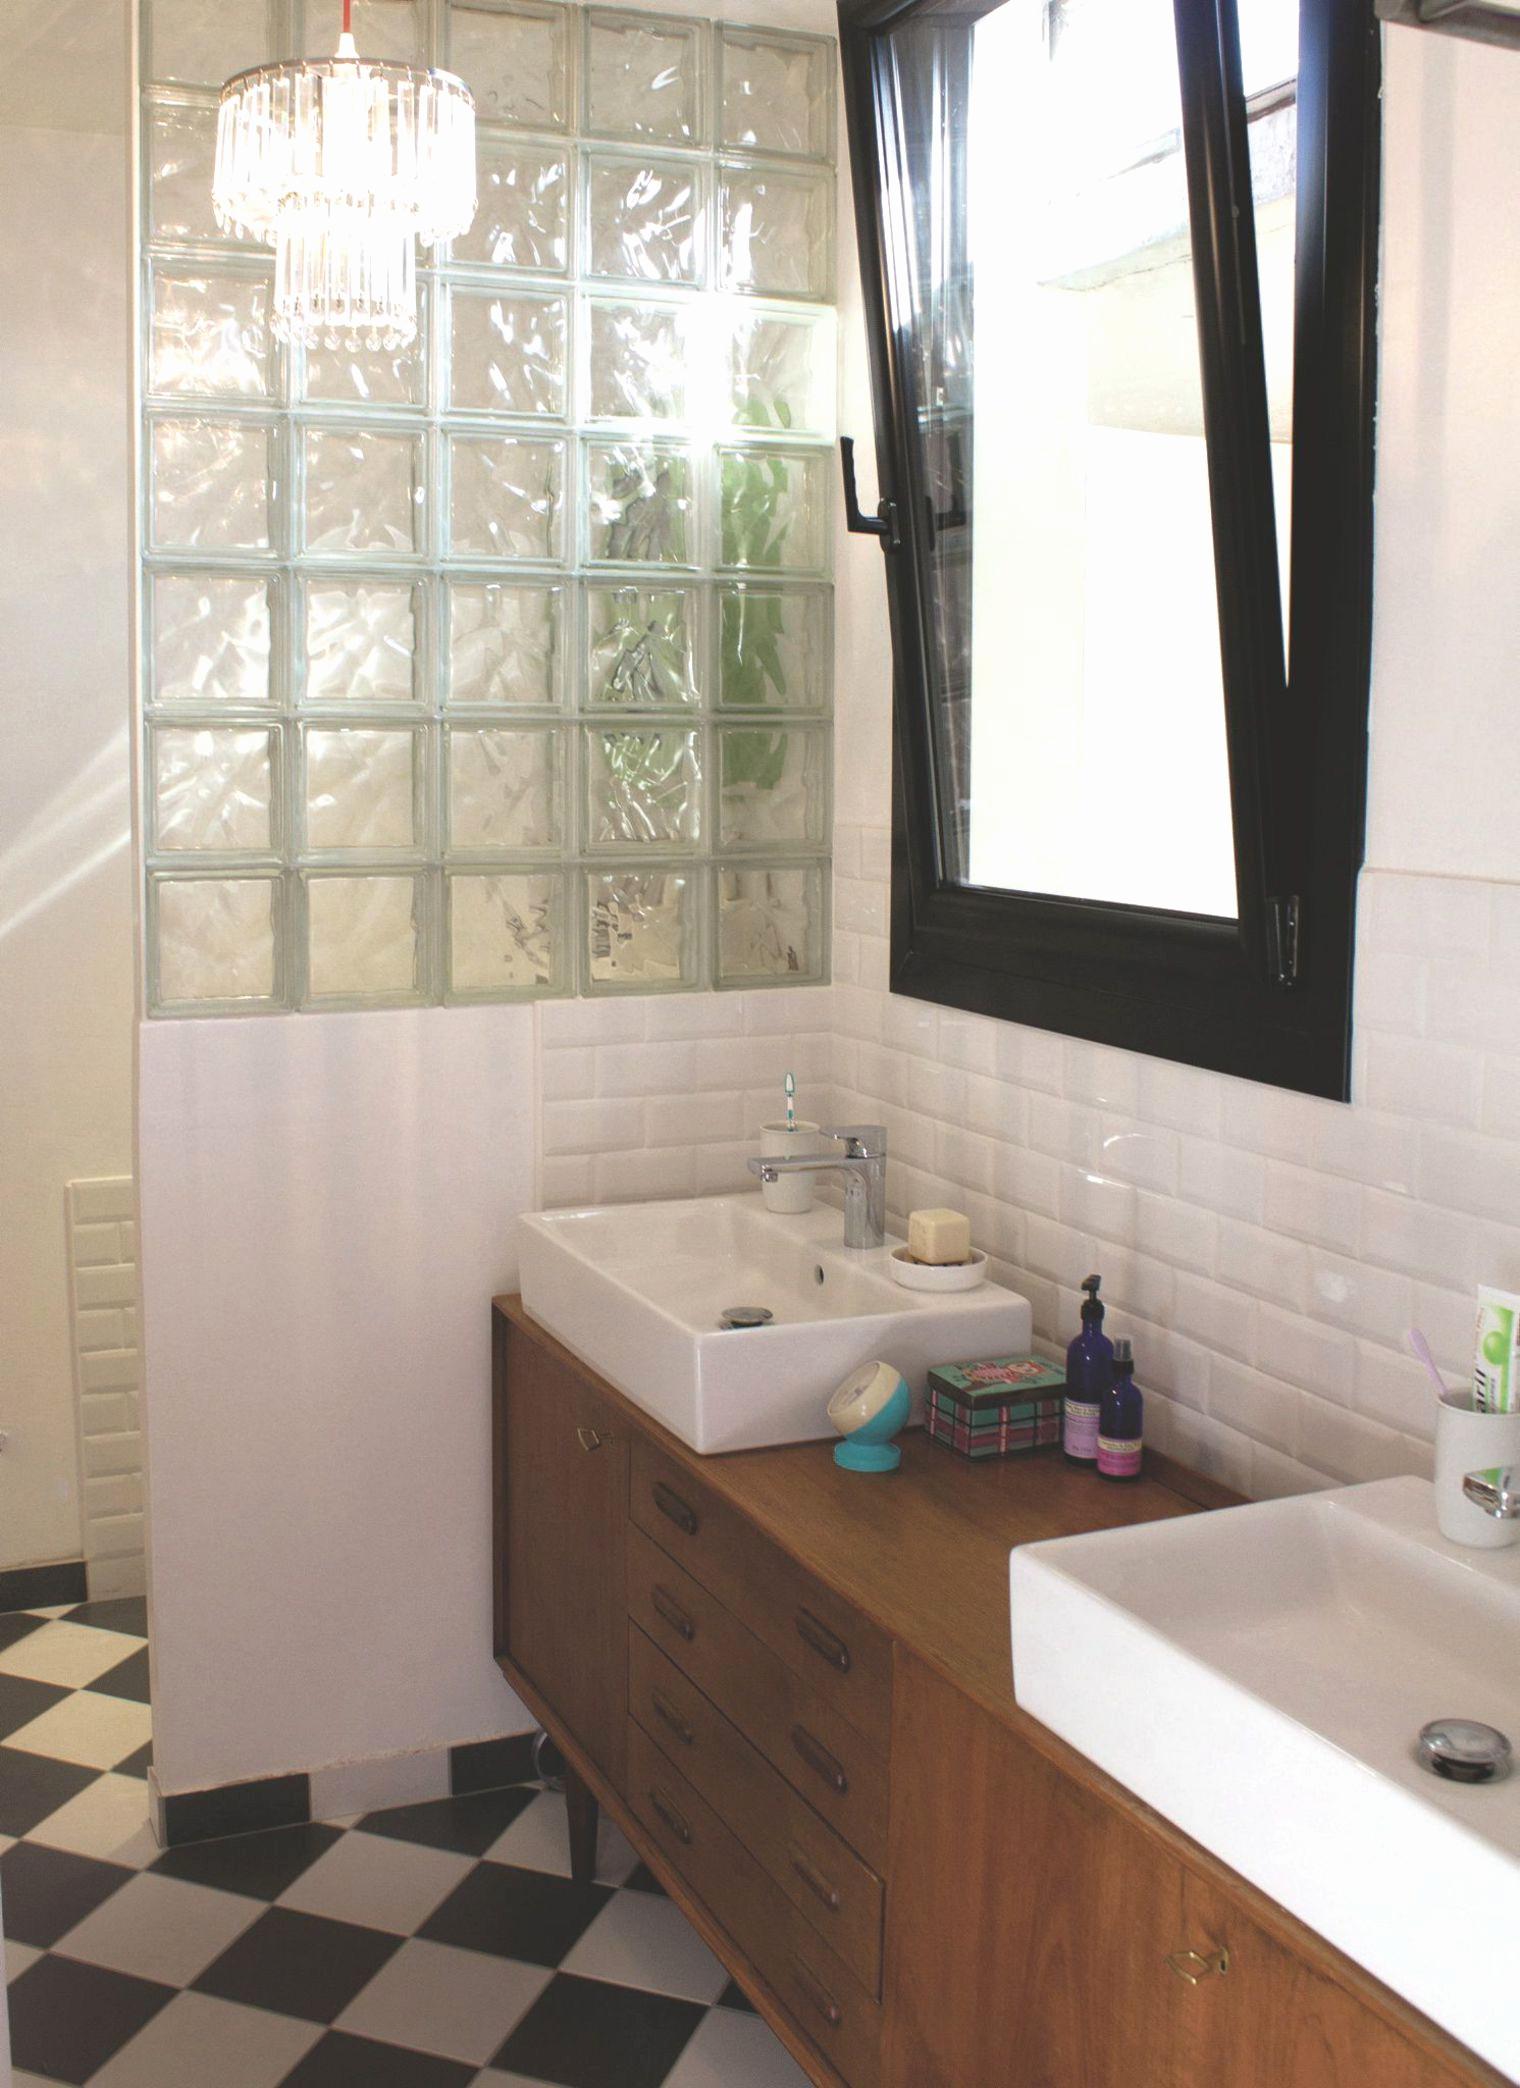 Meuble salle de bain design scandinave - Boutique-gain-de ...